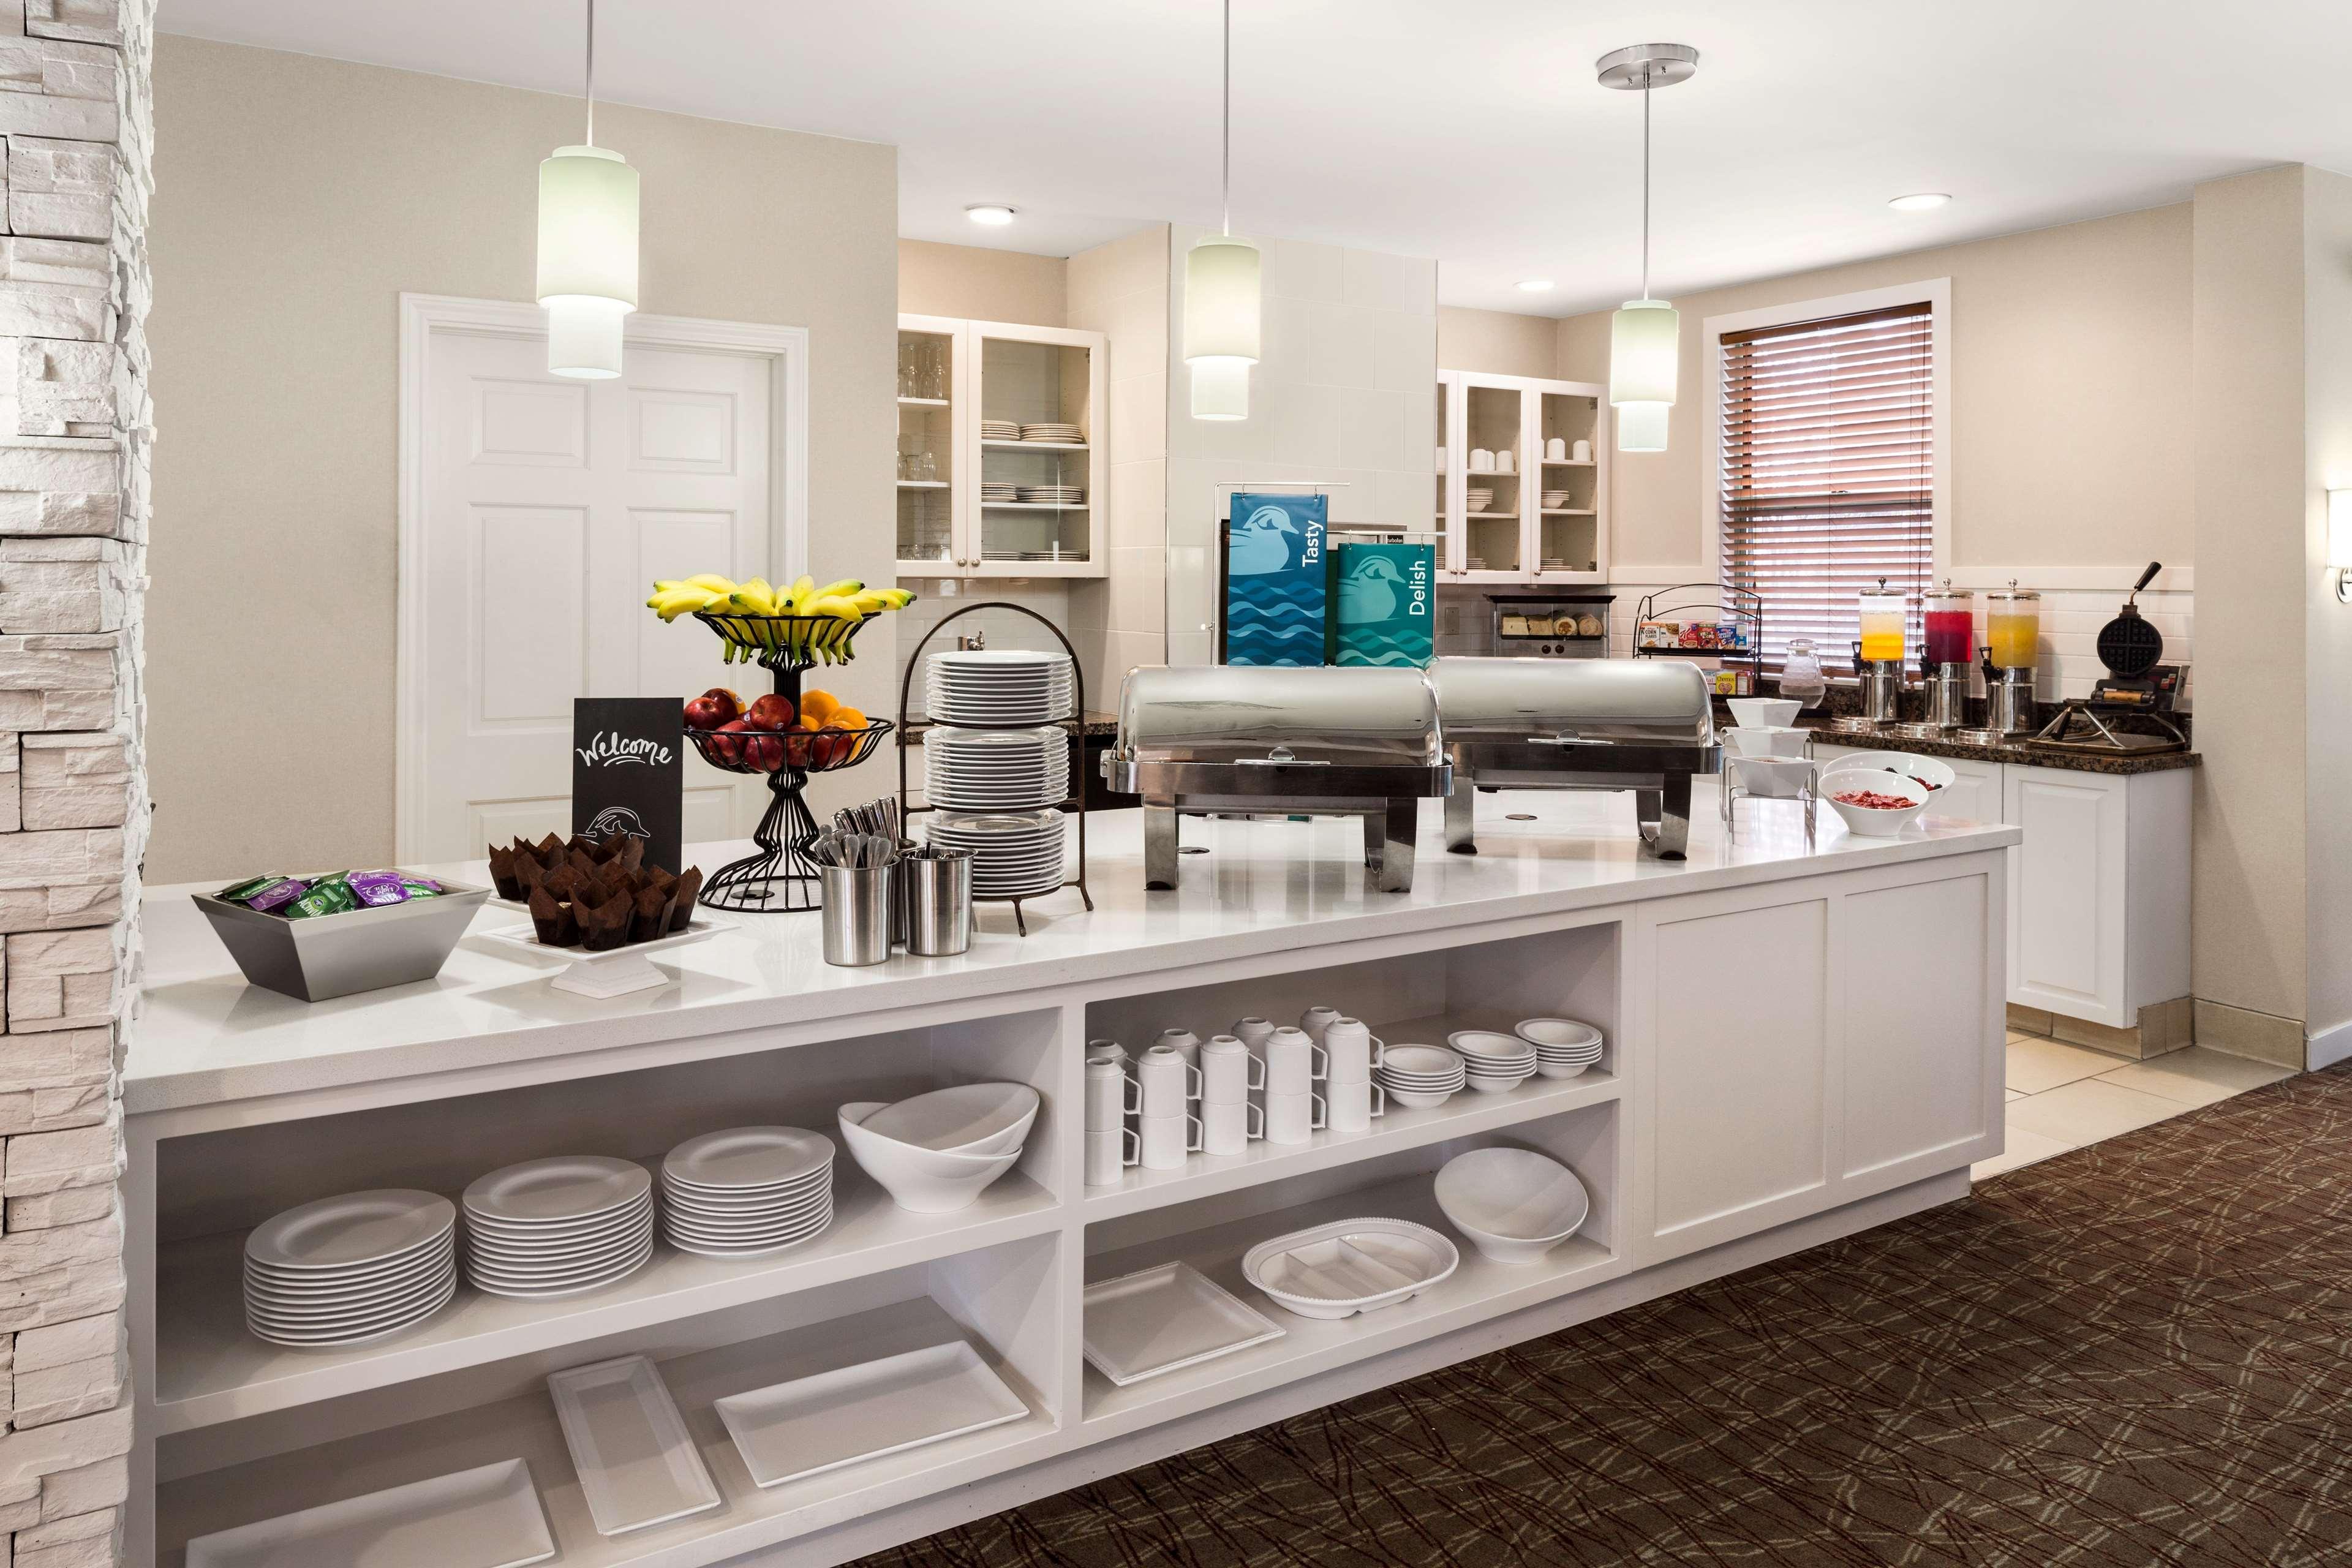 Homewood Suites by Hilton - Boulder image 11